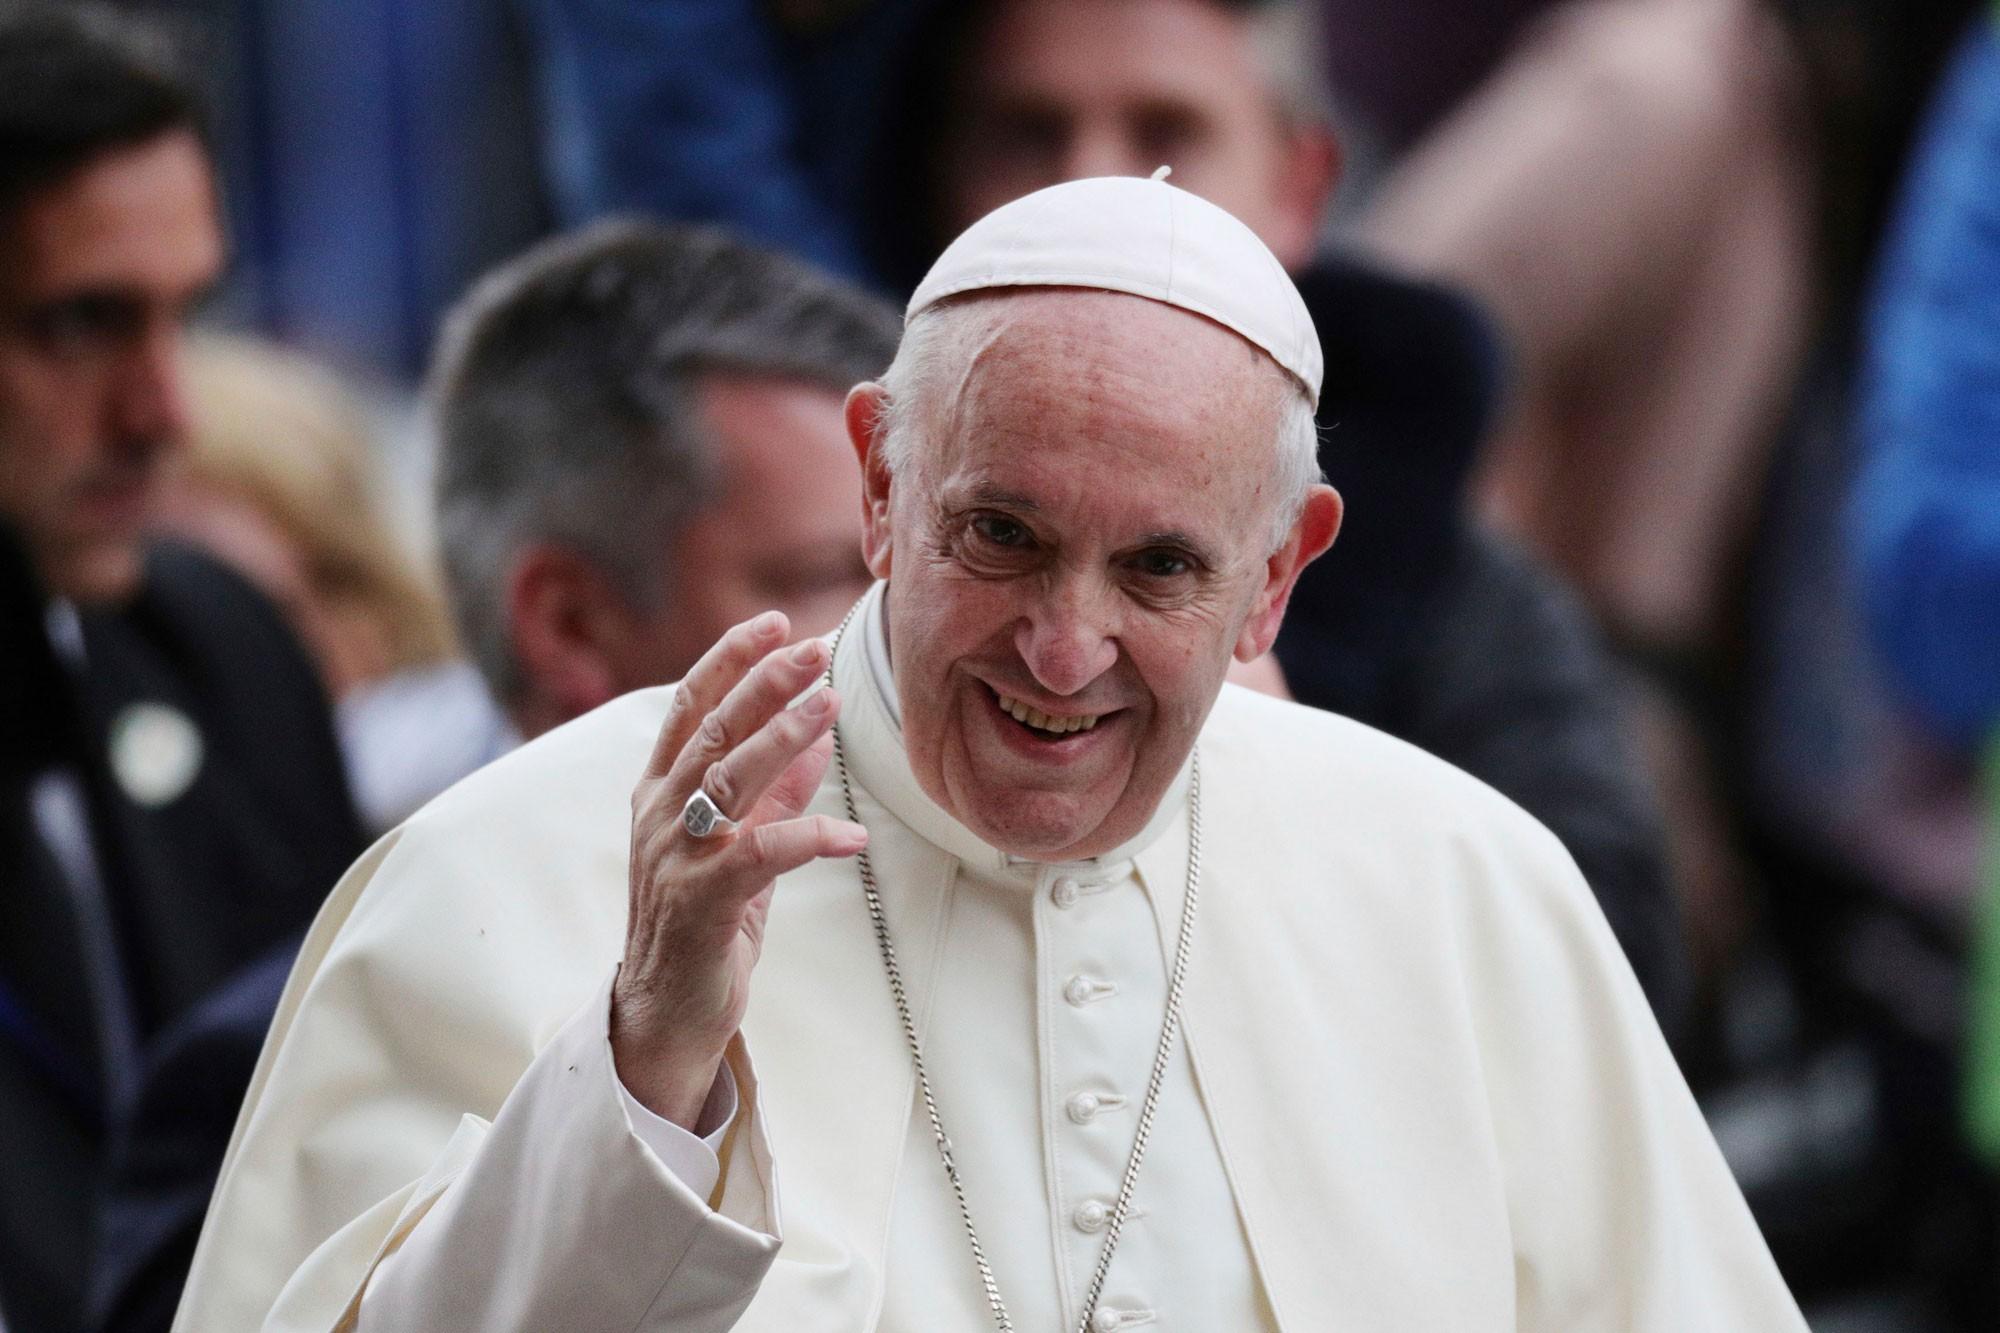 Vaticano e China assinam acordo provisório sobre nomeação de bispos